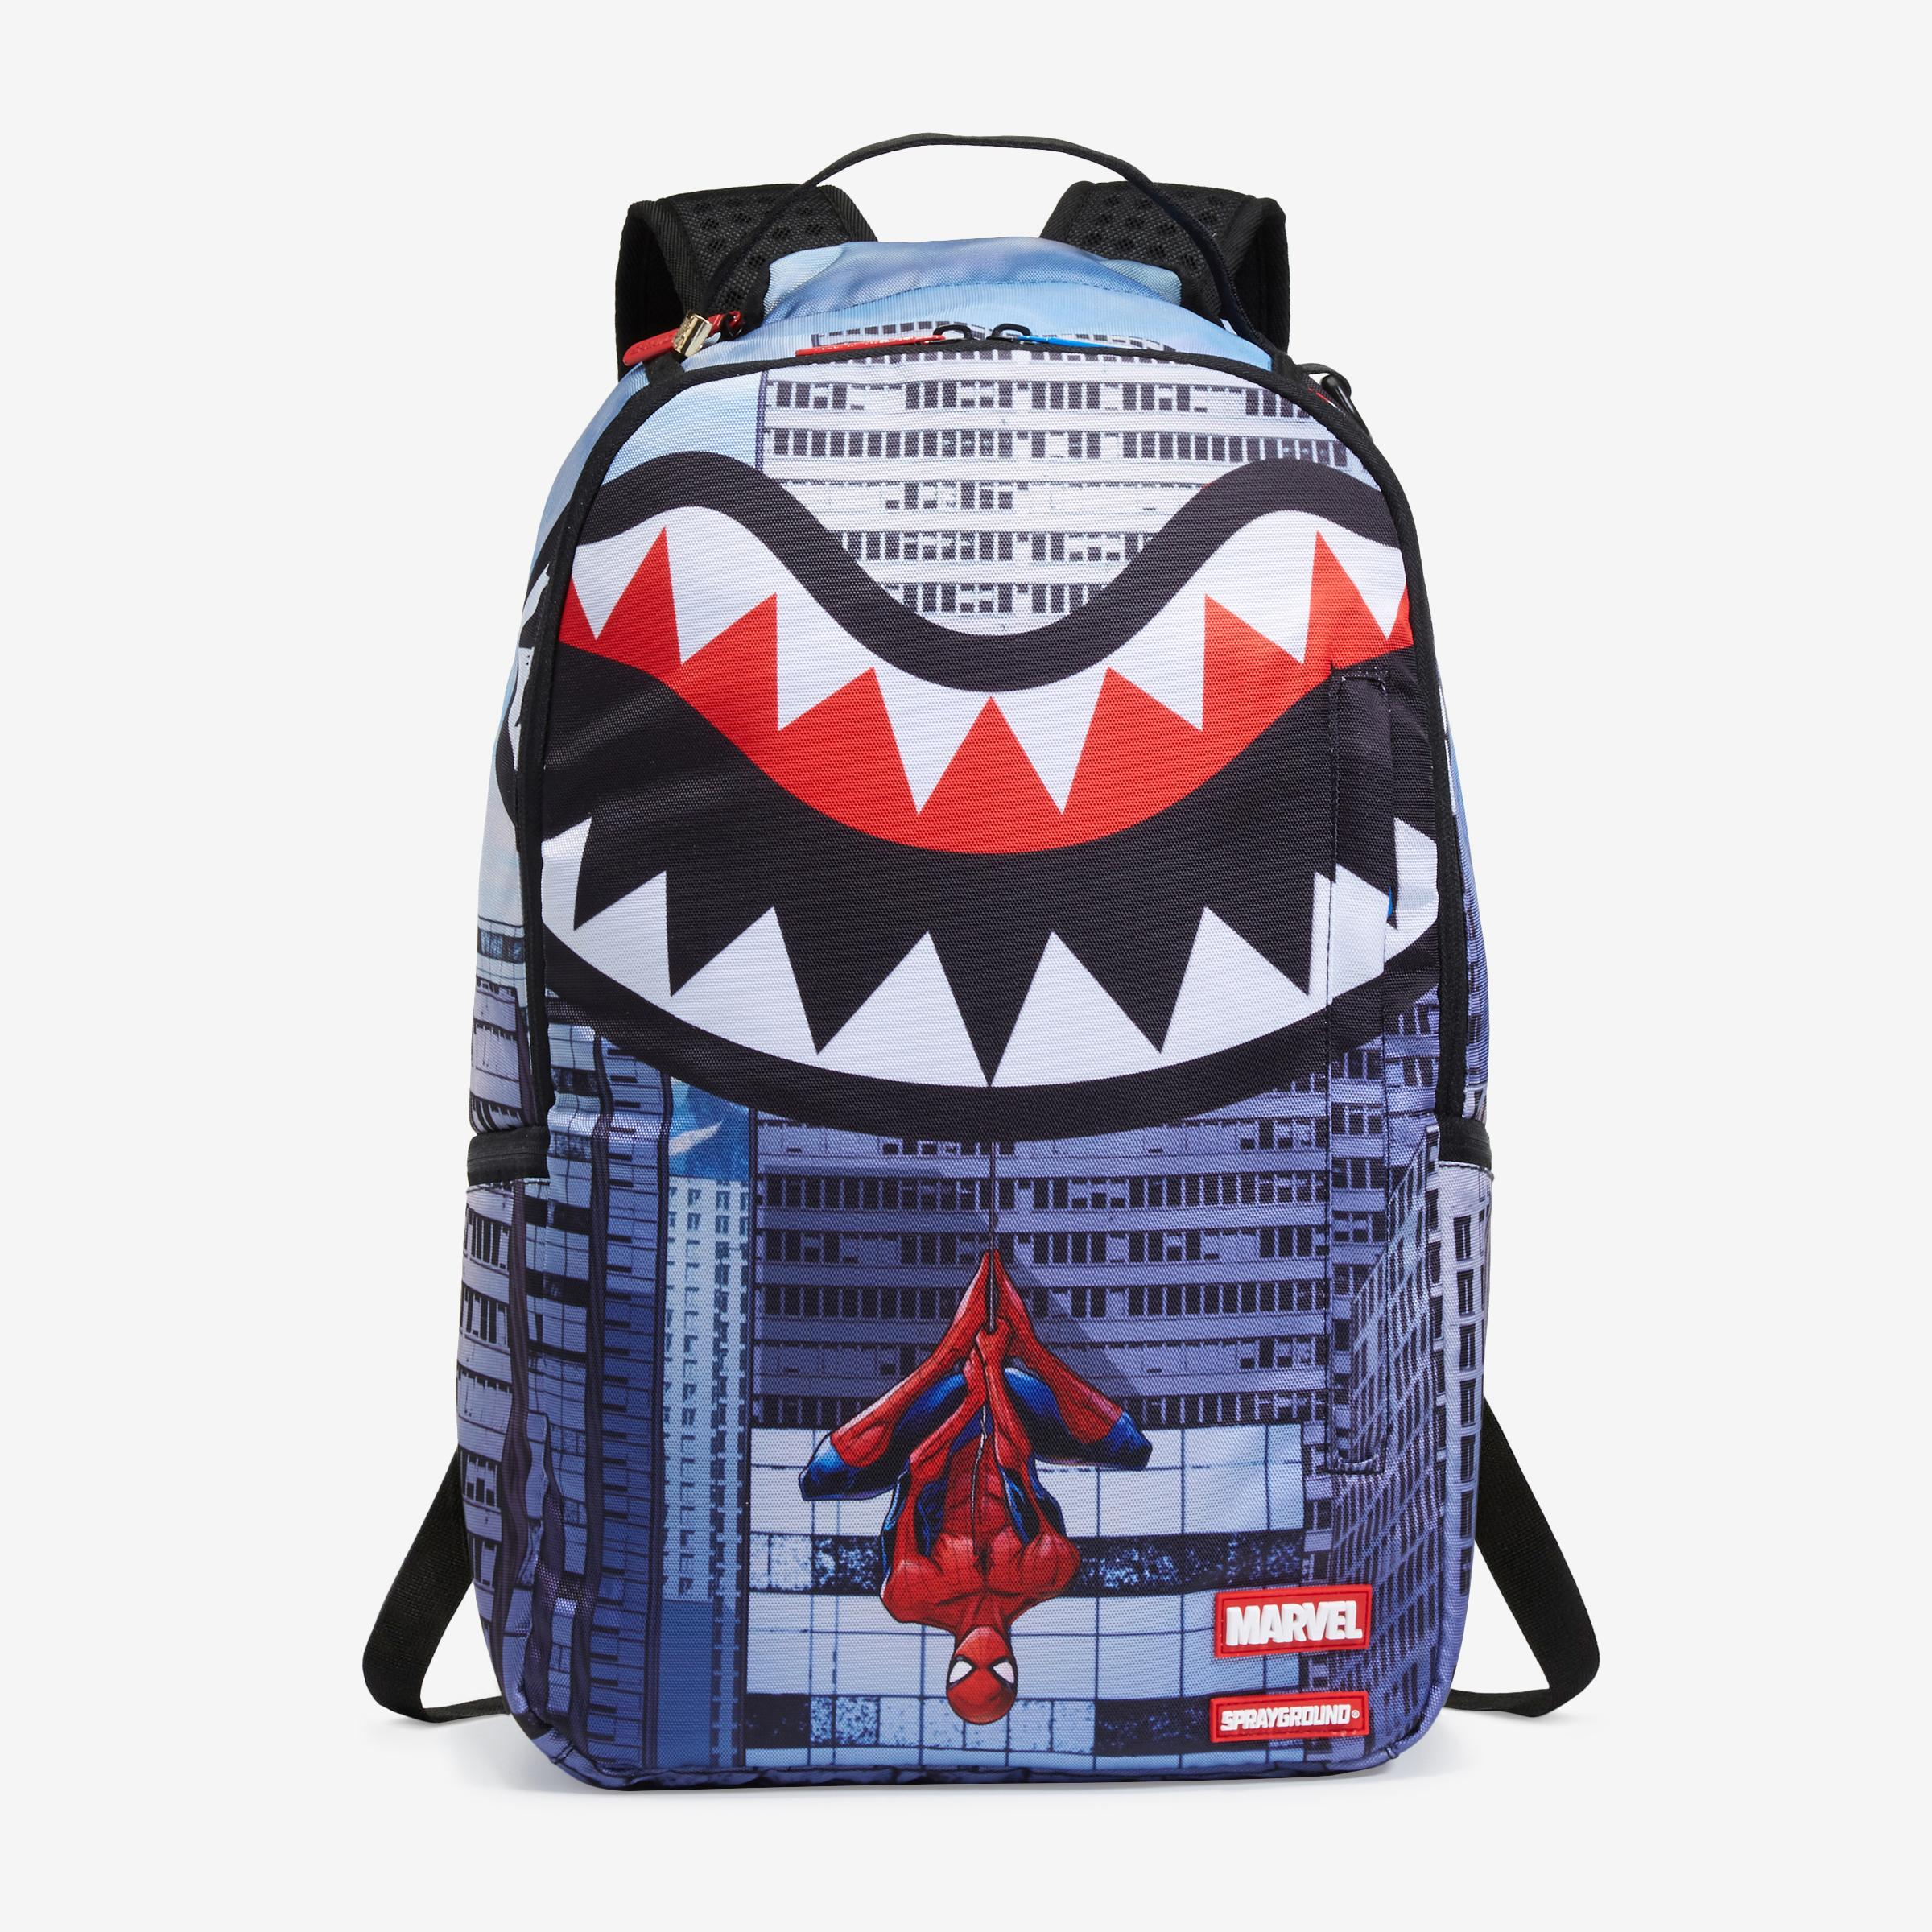 Upside Down Spiderman Backpack